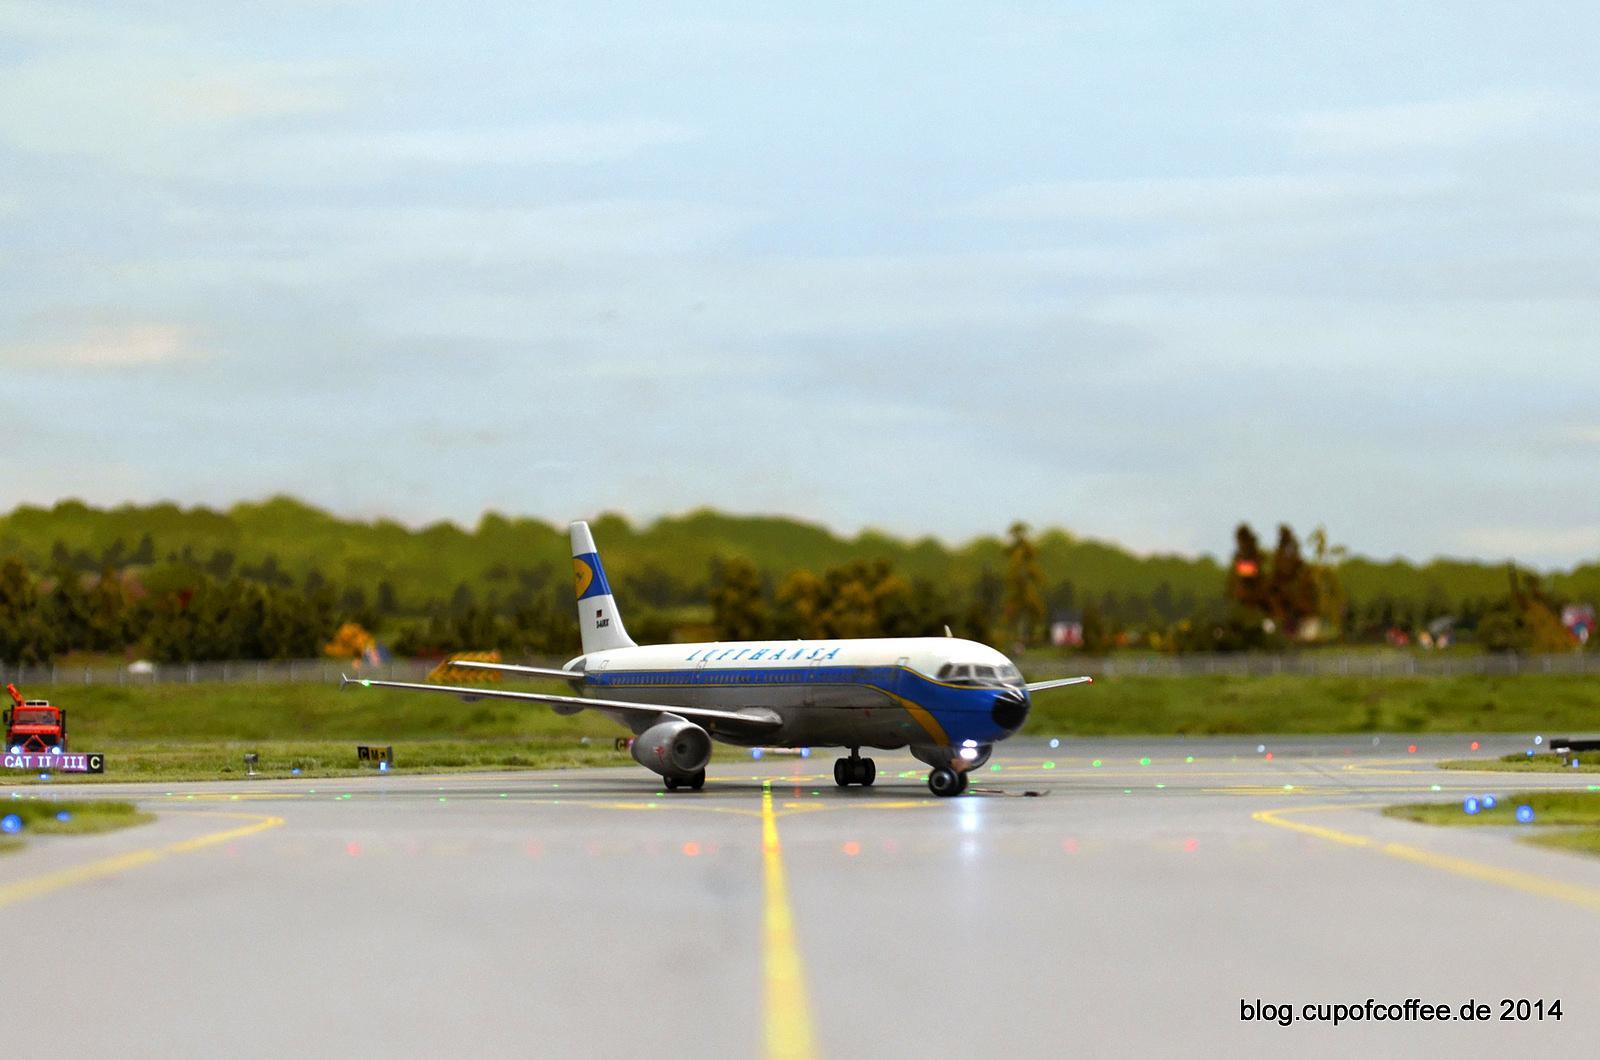 A320 Lufthansa Retro biegt von der Landebahn ab.